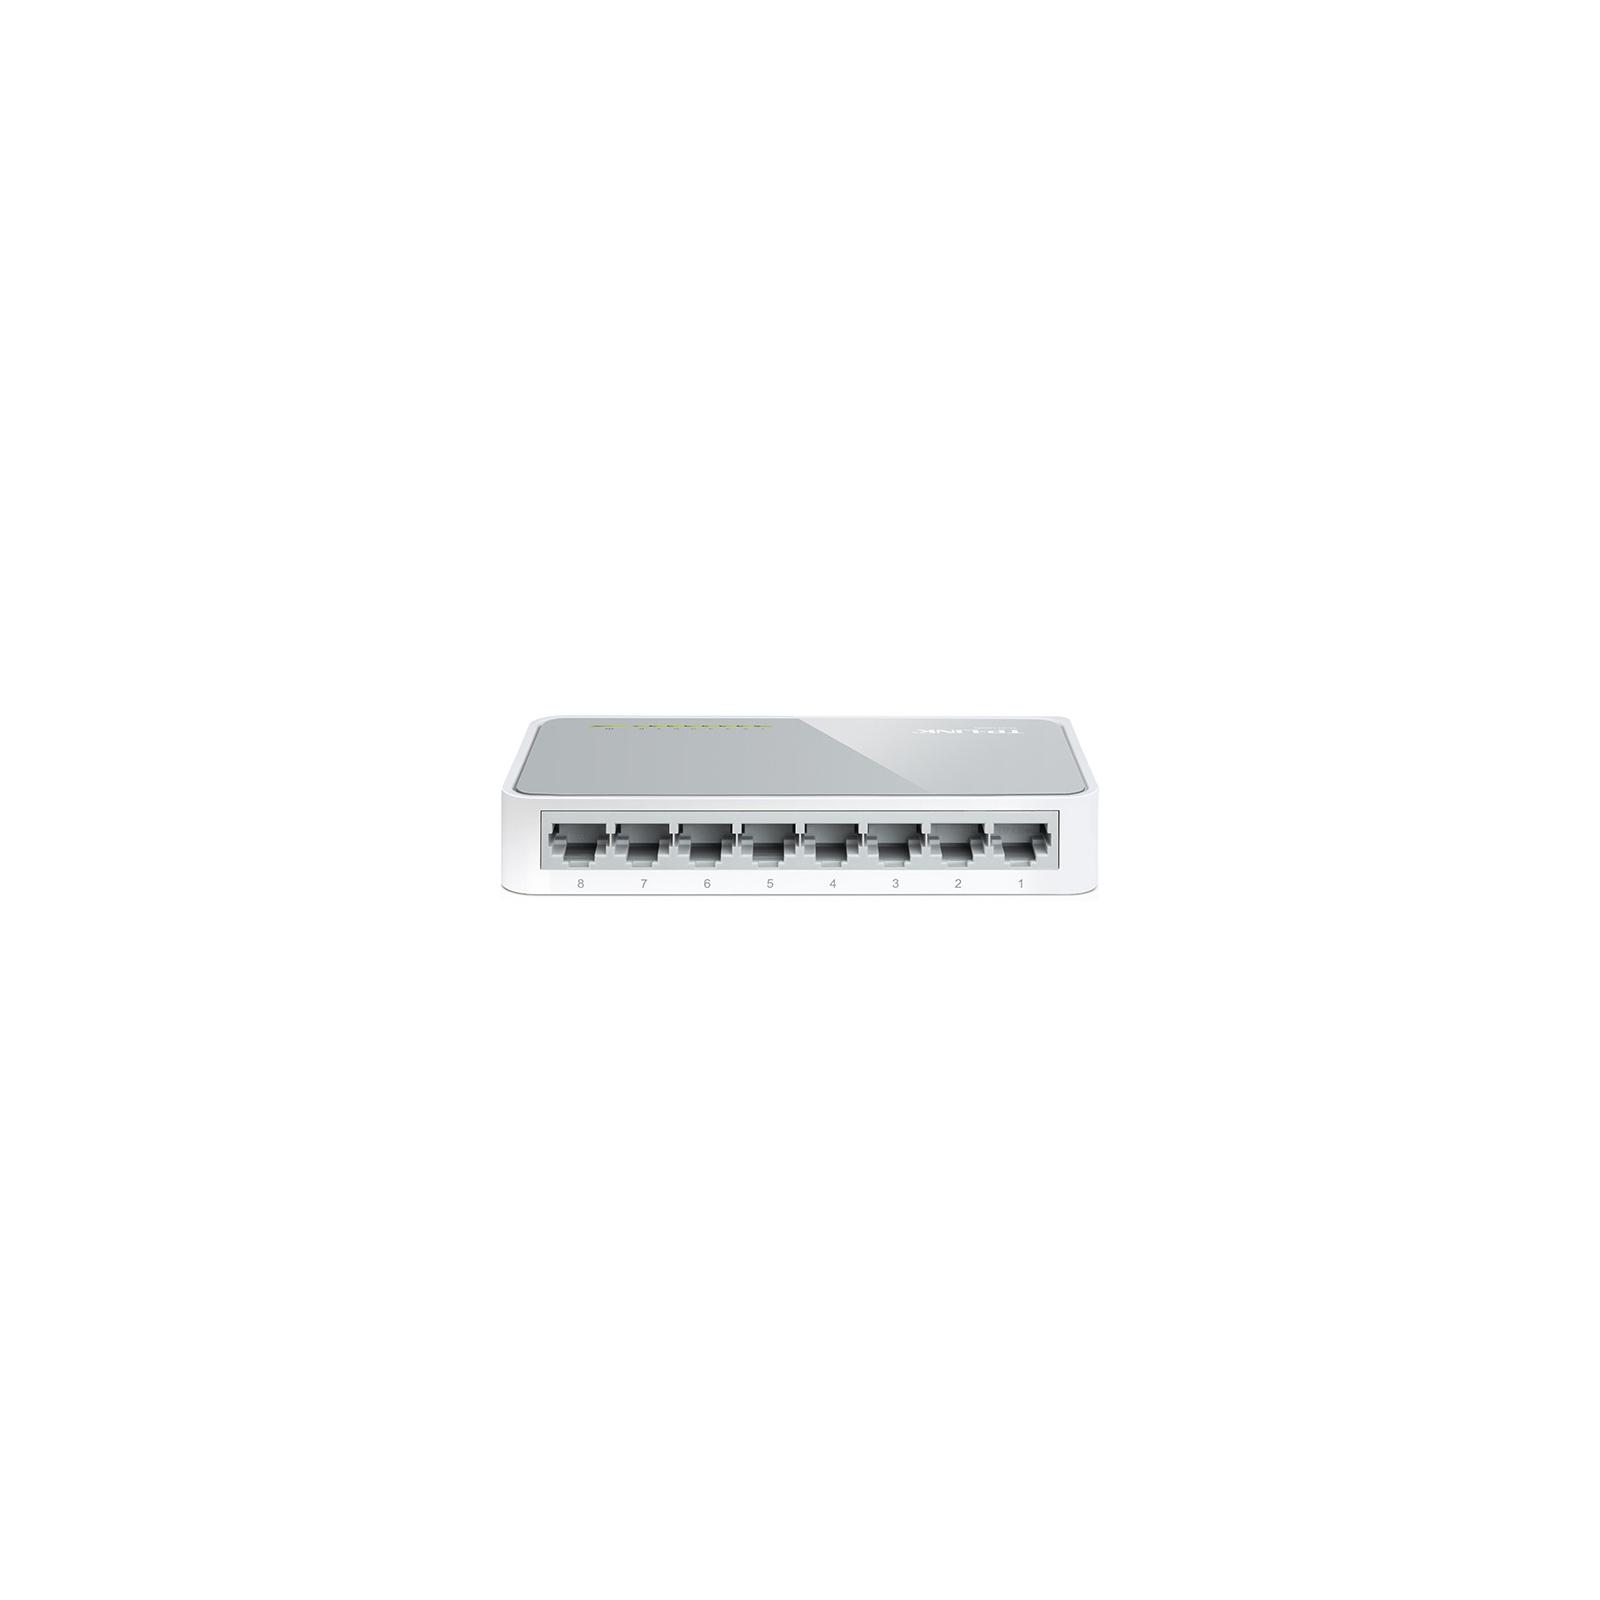 Коммутатор сетевой TP-Link TL-SF1008D изображение 5